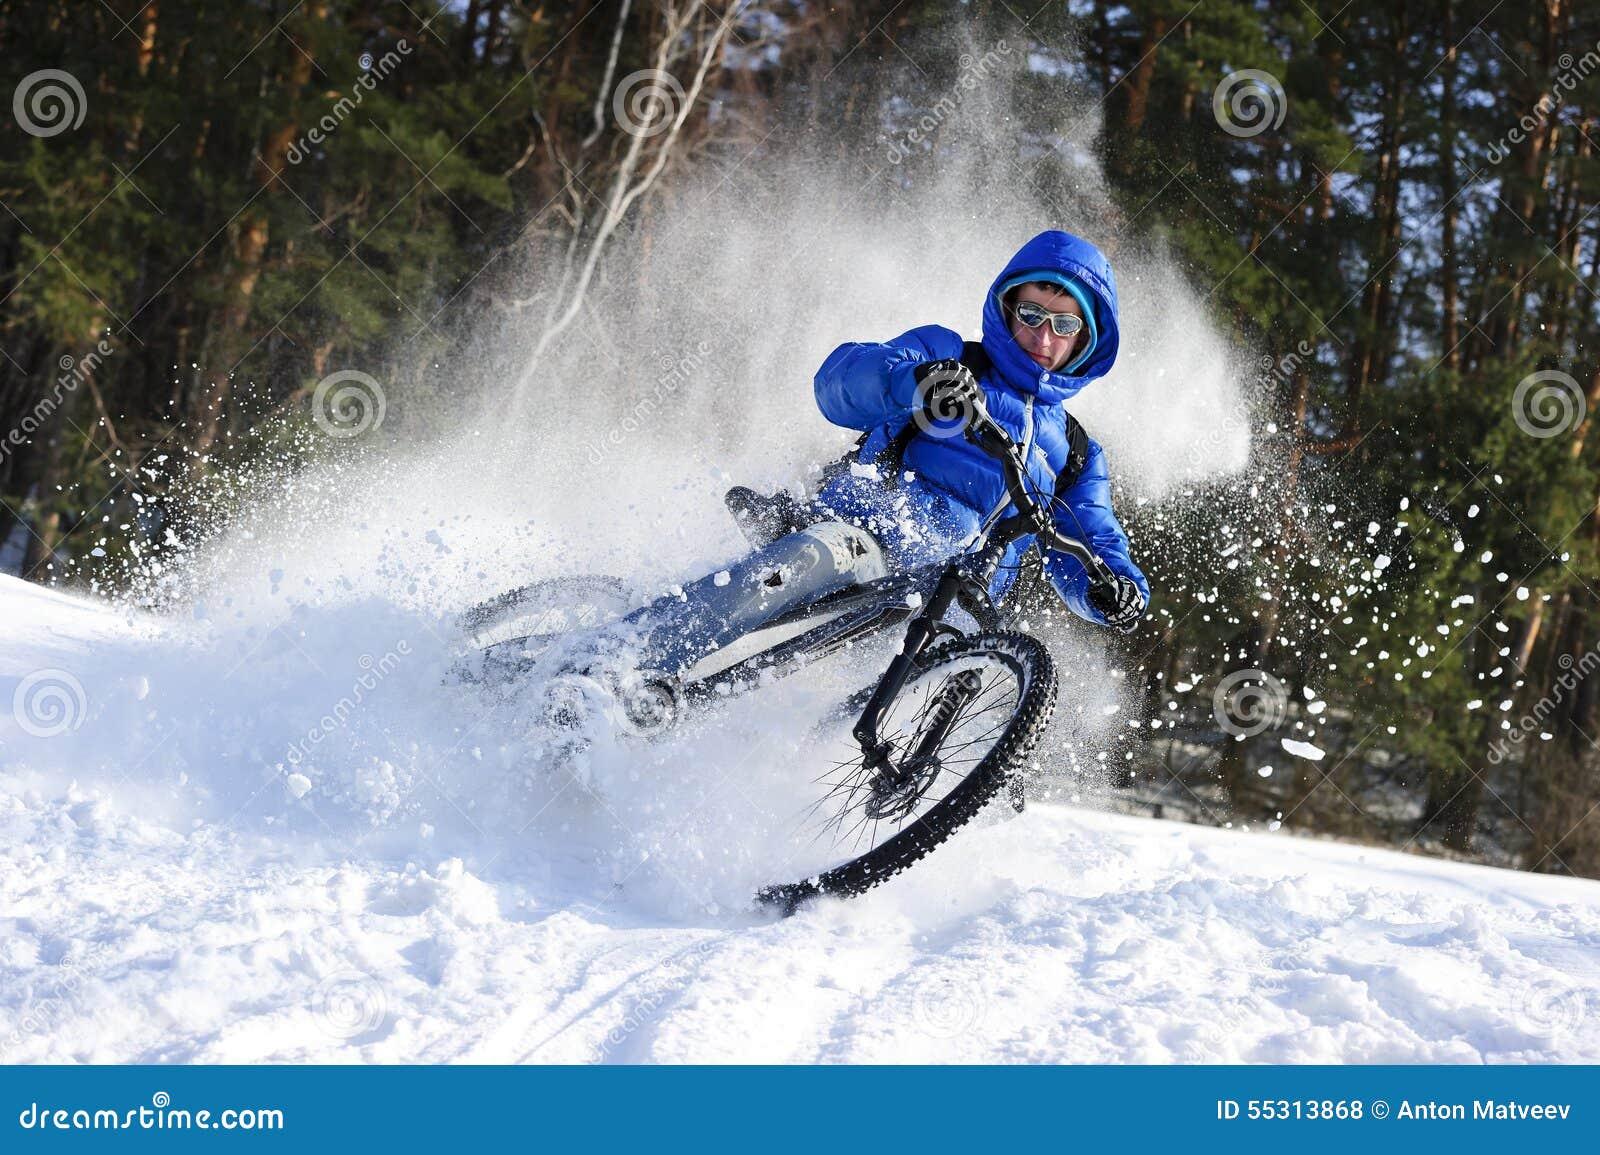 mountainbike snow winter extreme-#15